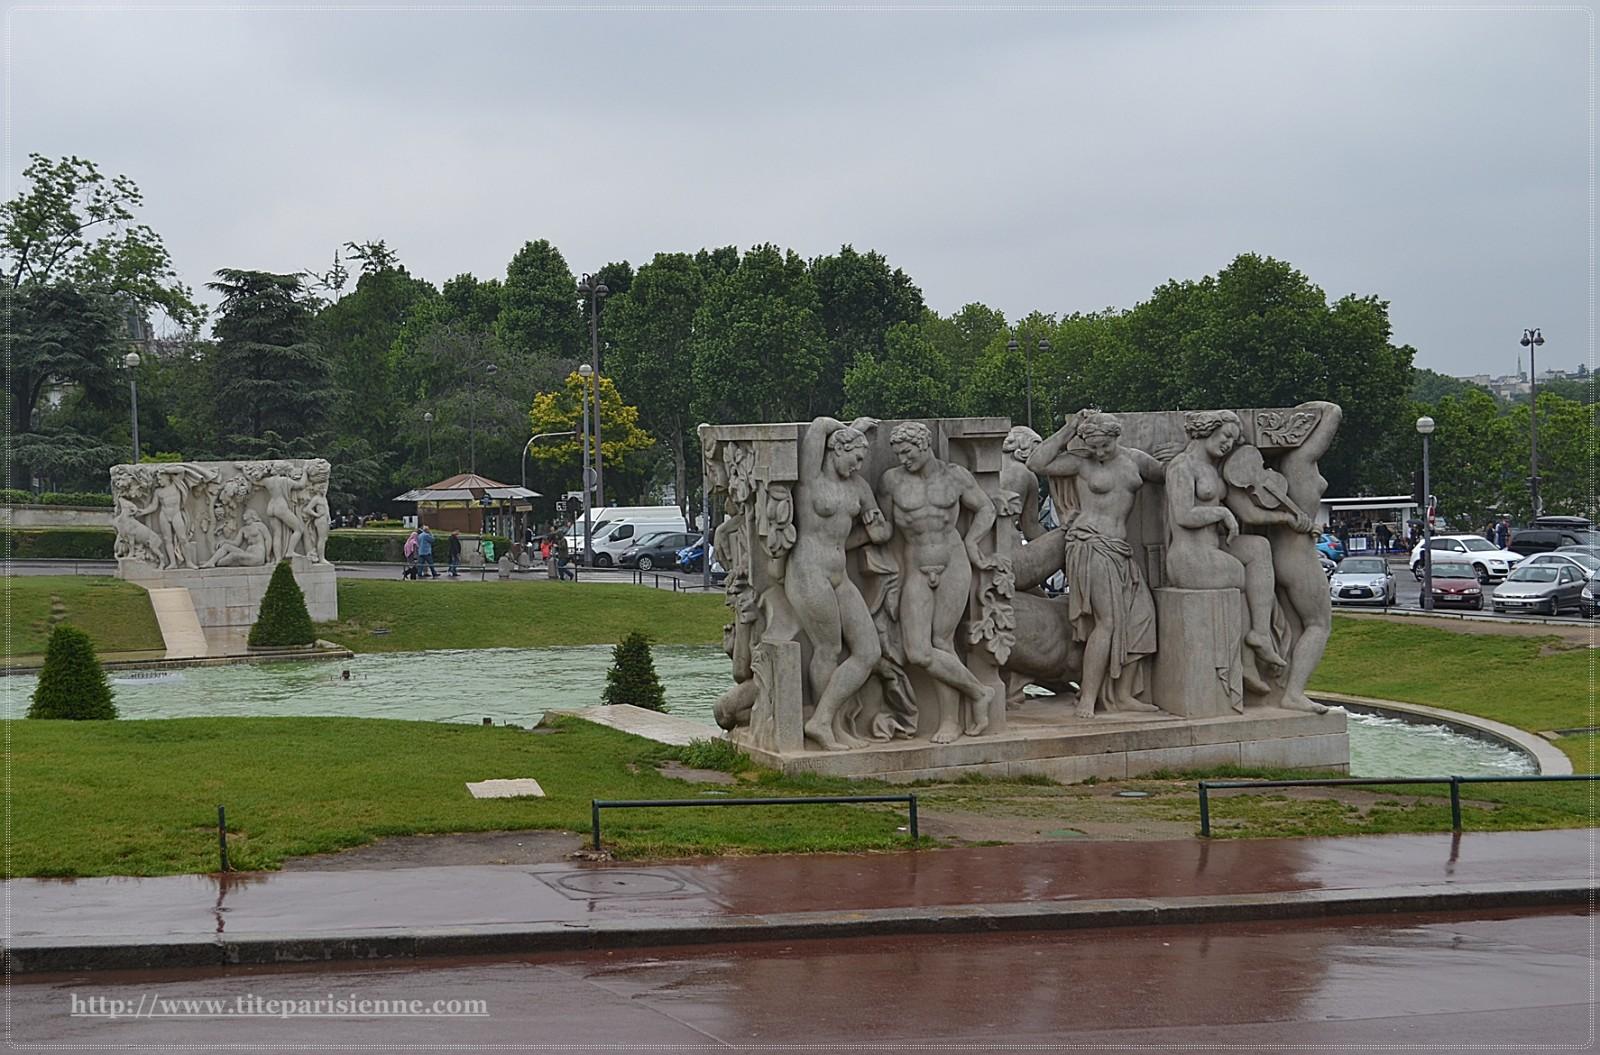 La tour eiffel le trocad ro et le champs de mars une for Jardin trocadero